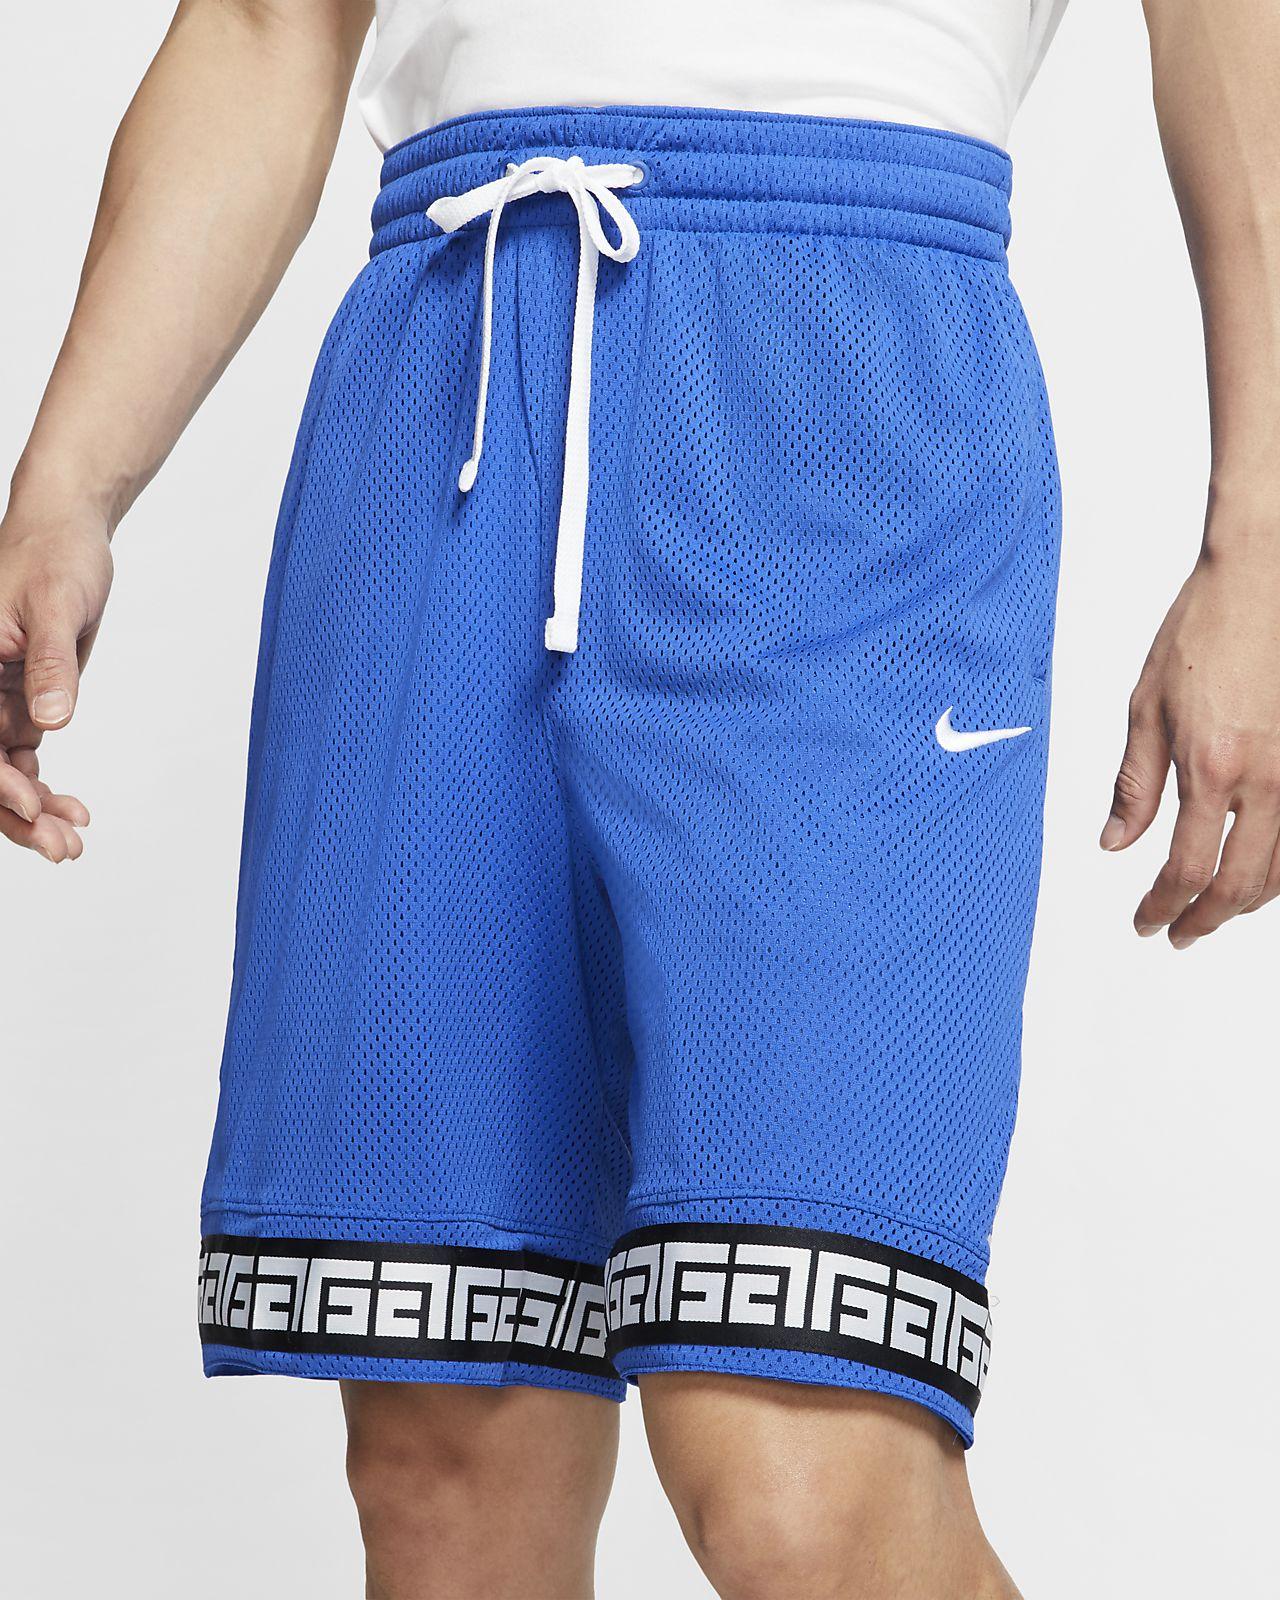 Calções de basquetebol com logótipo Giannis para homem